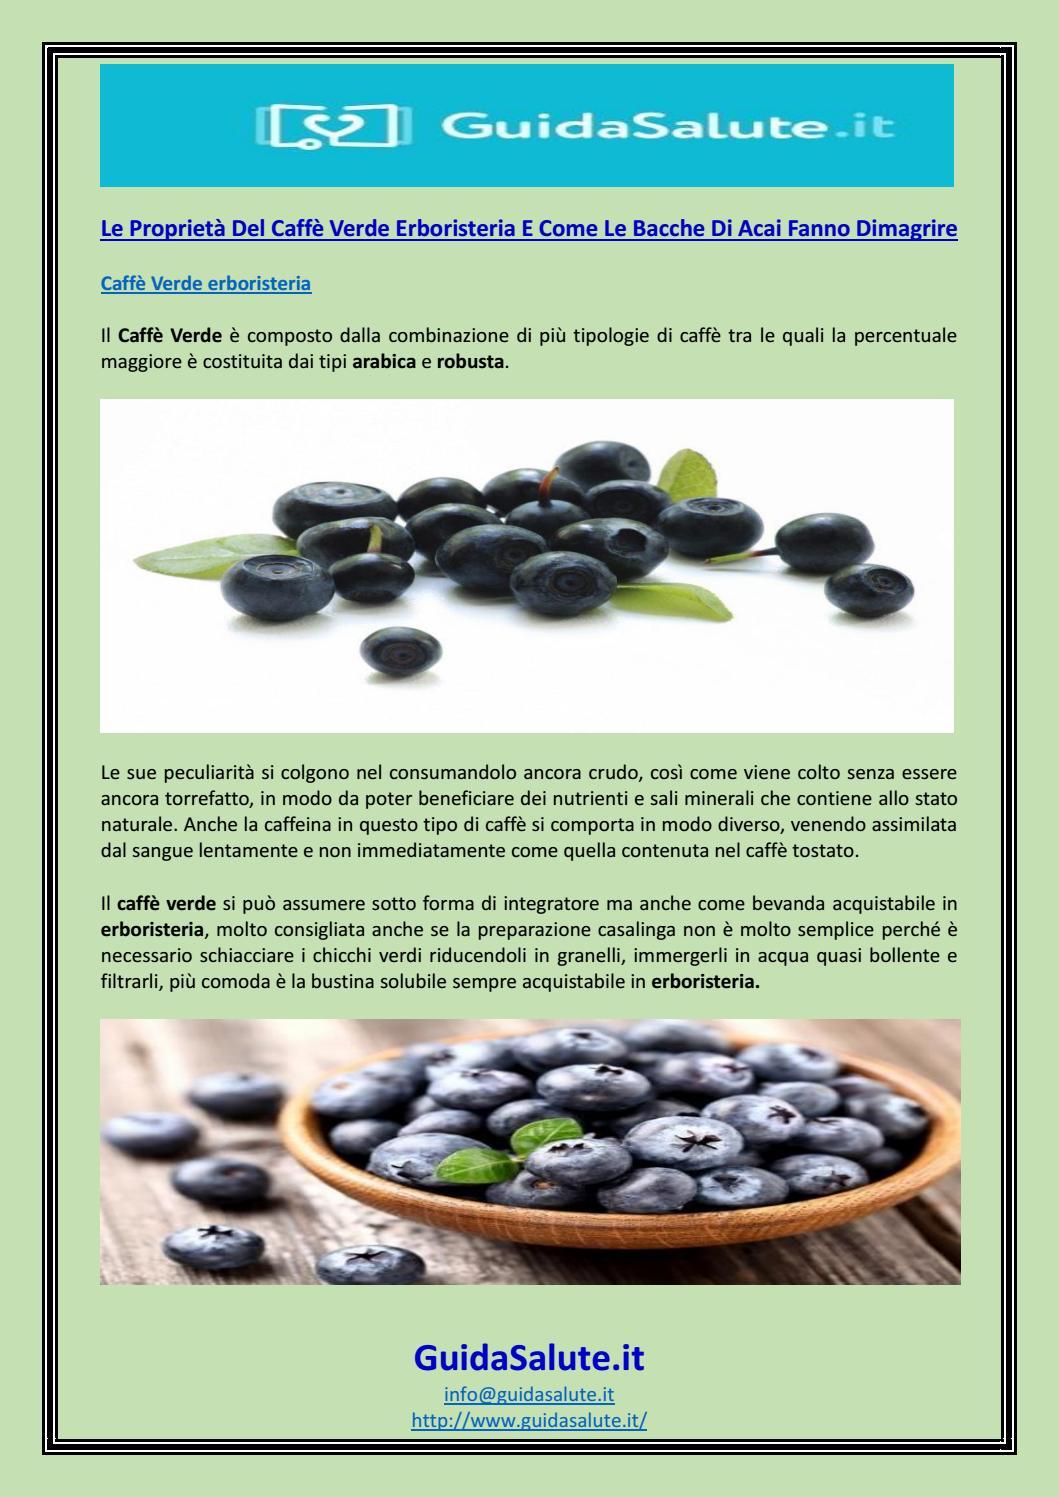 pillole naturali di dieta di bacche di acai